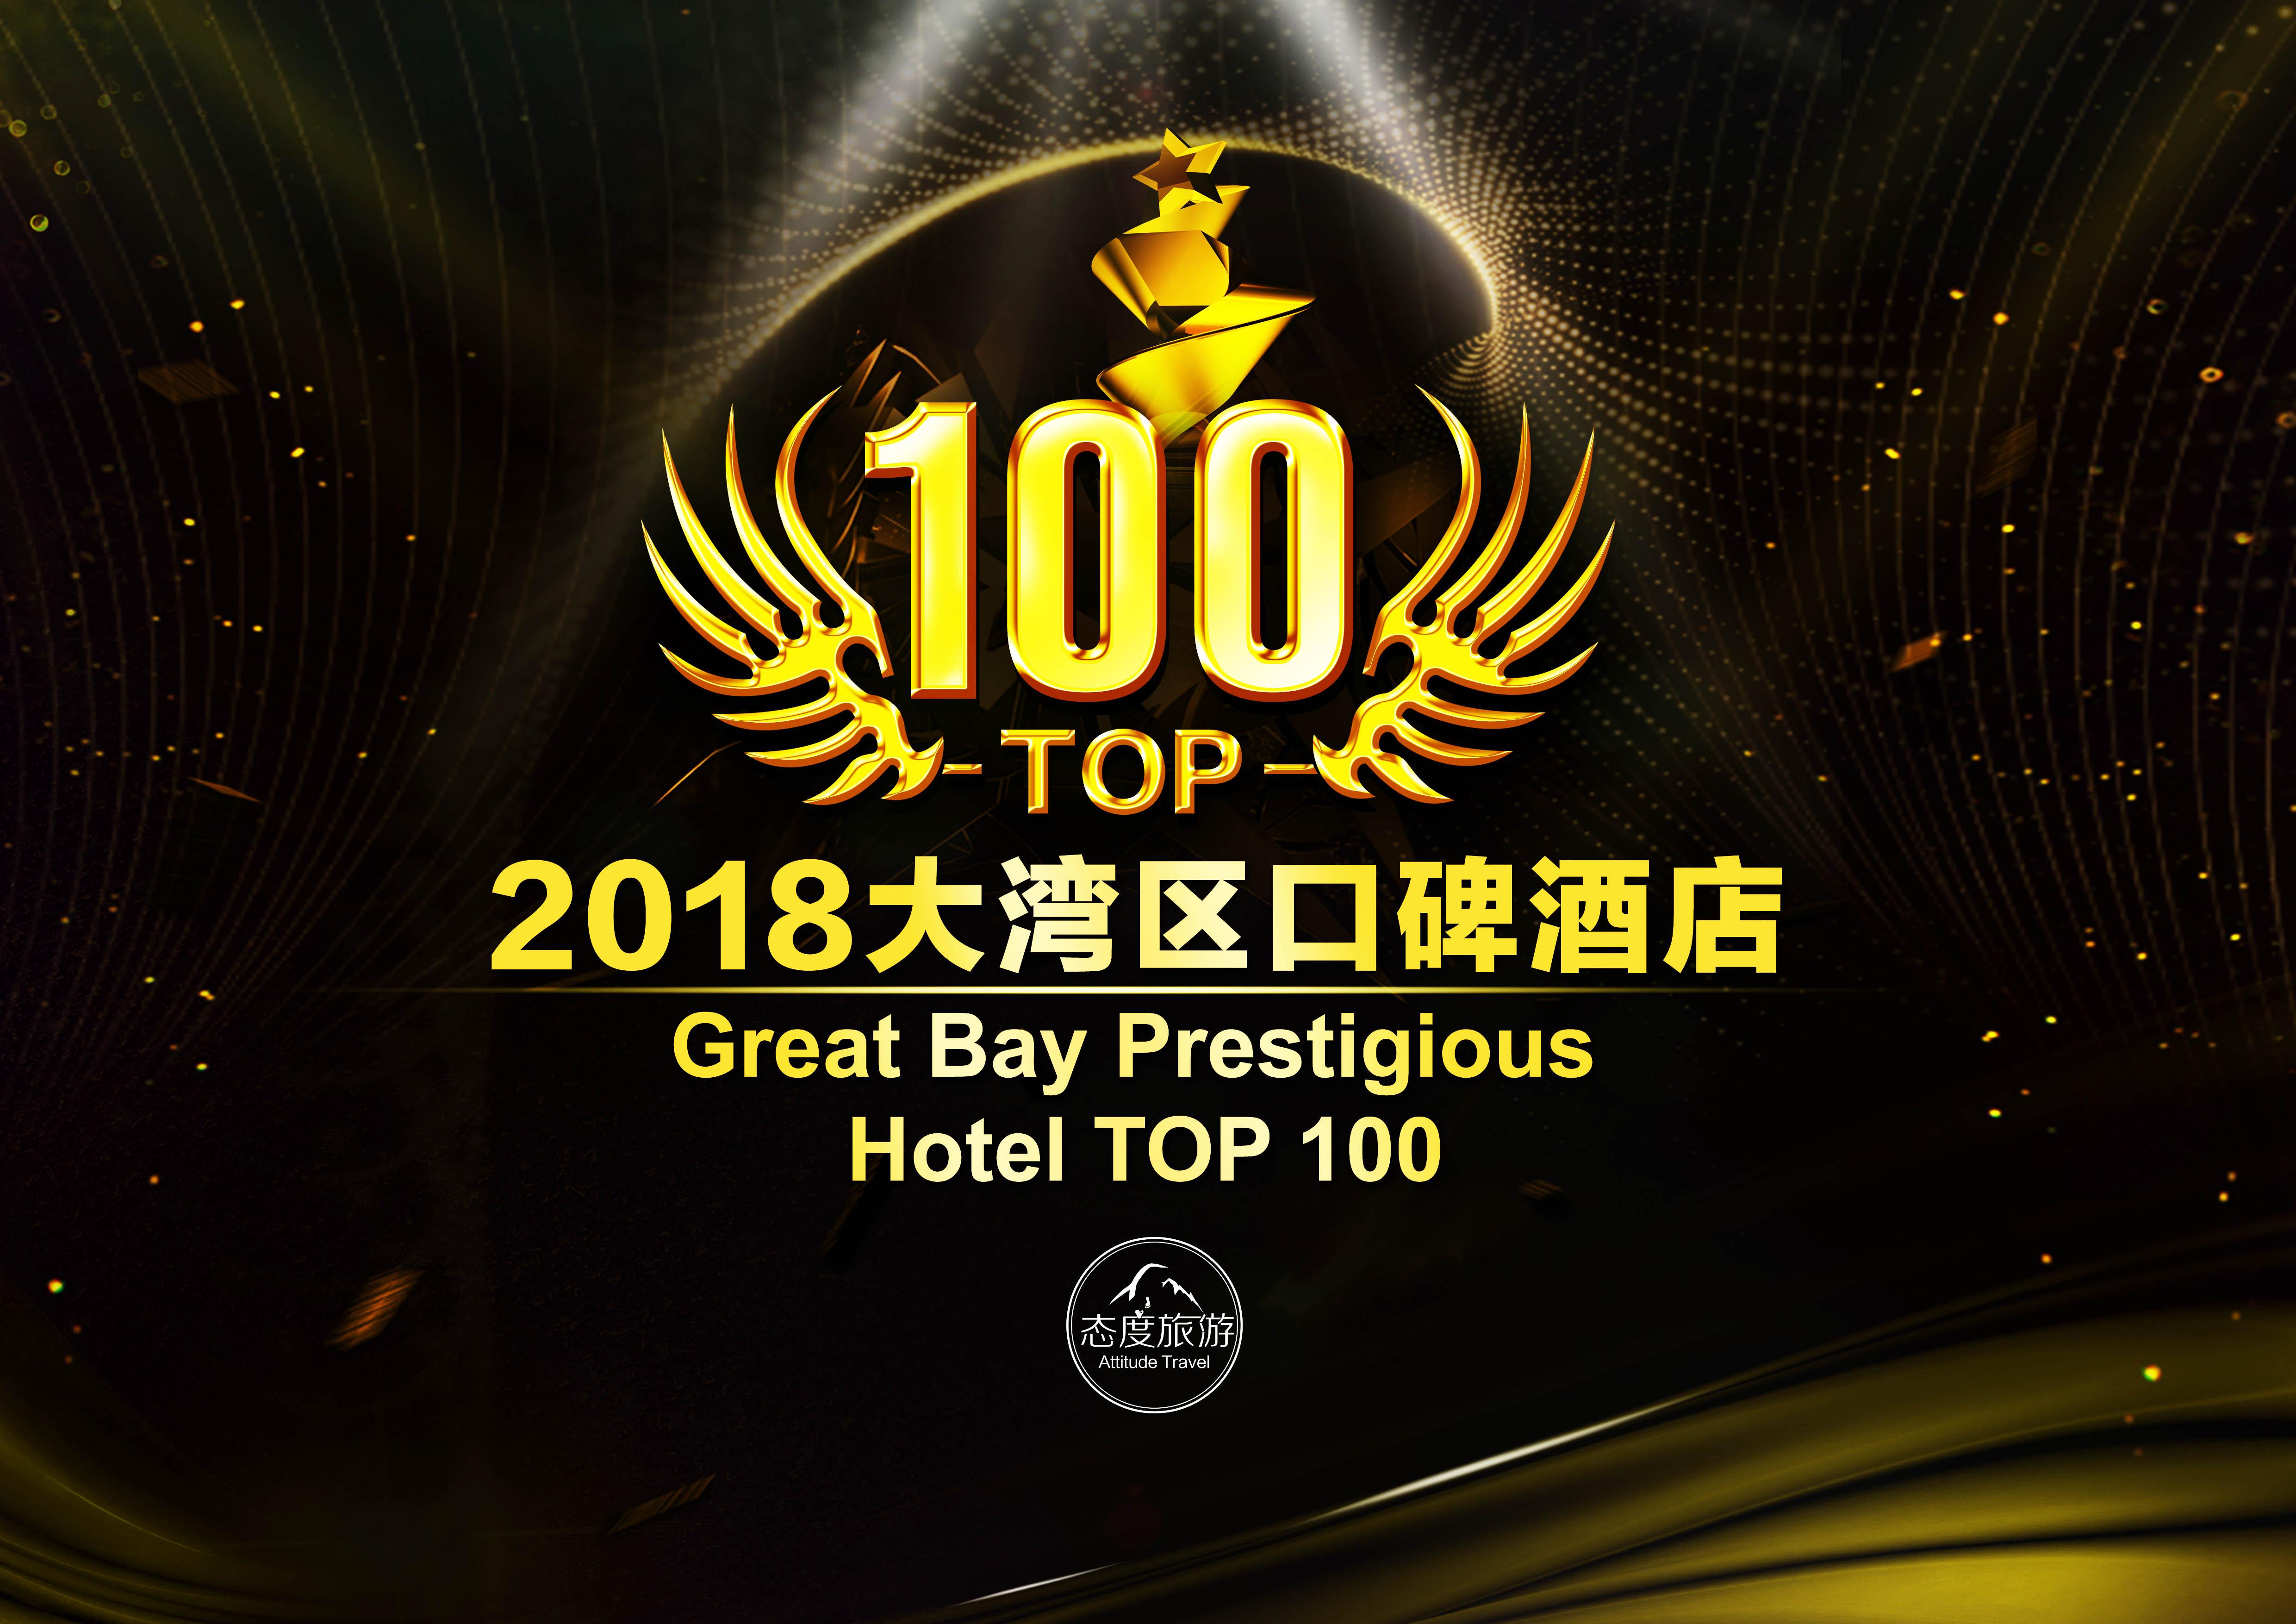 2018粤港澳大湾区口碑酒店Top100评选活动正式启动 | 选出最